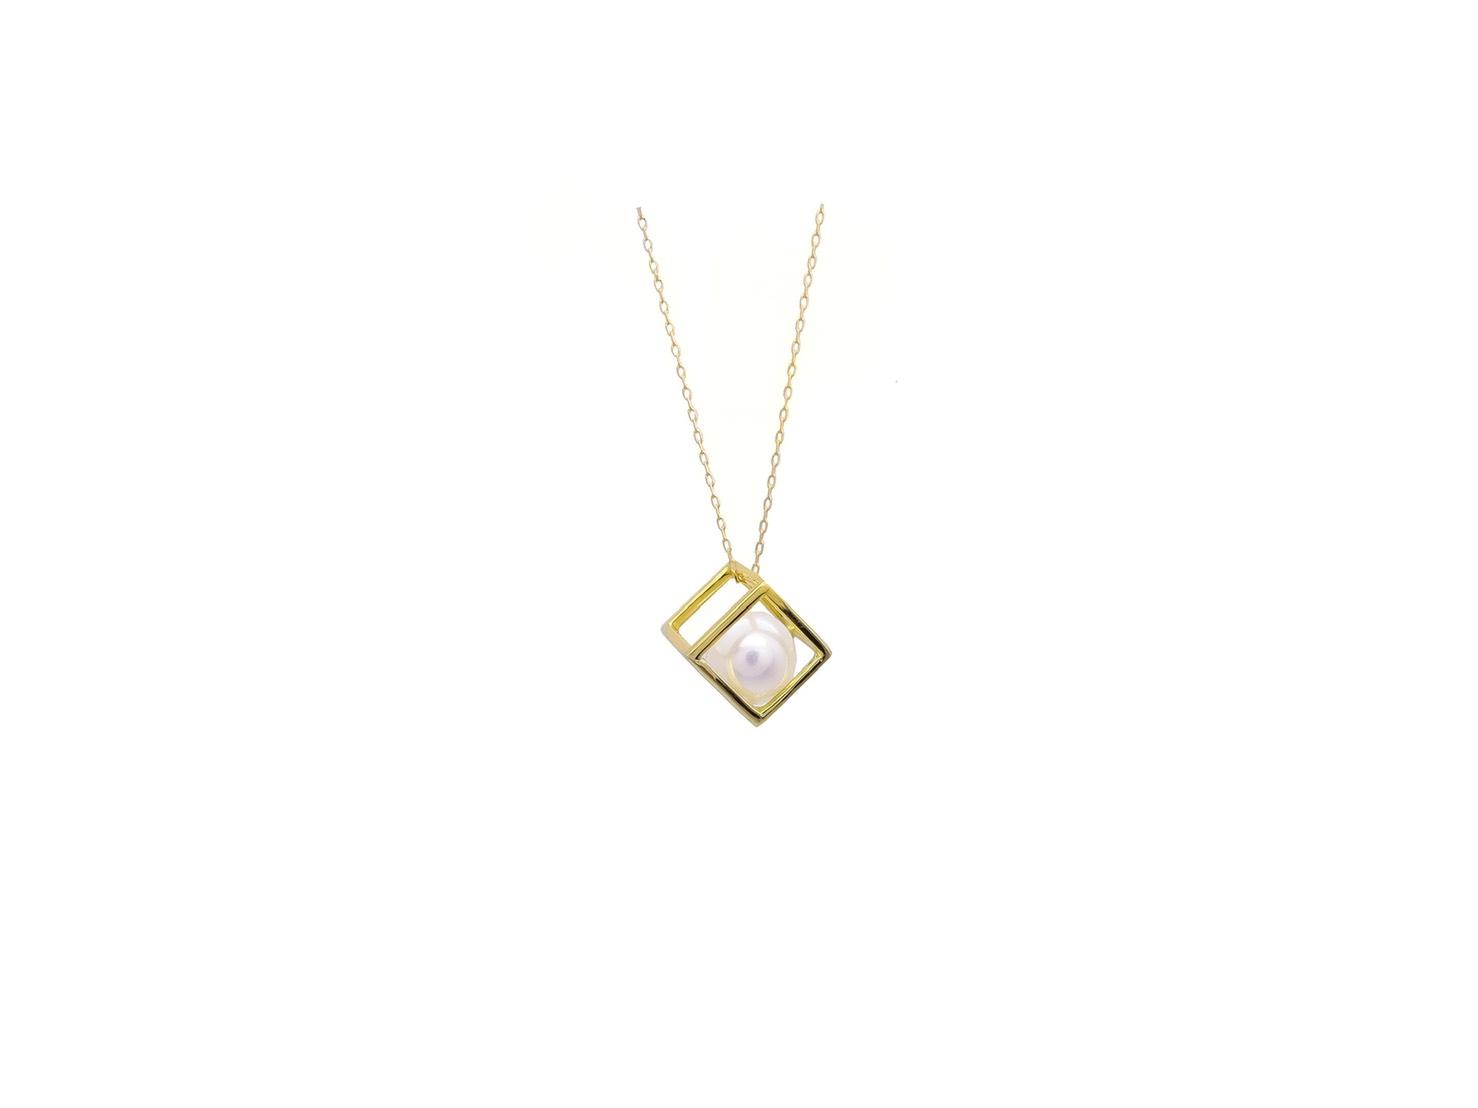 【D-W 鑽石世界】14K金 Akoya日本珍珠 立體方框珍珠項鍊 --21